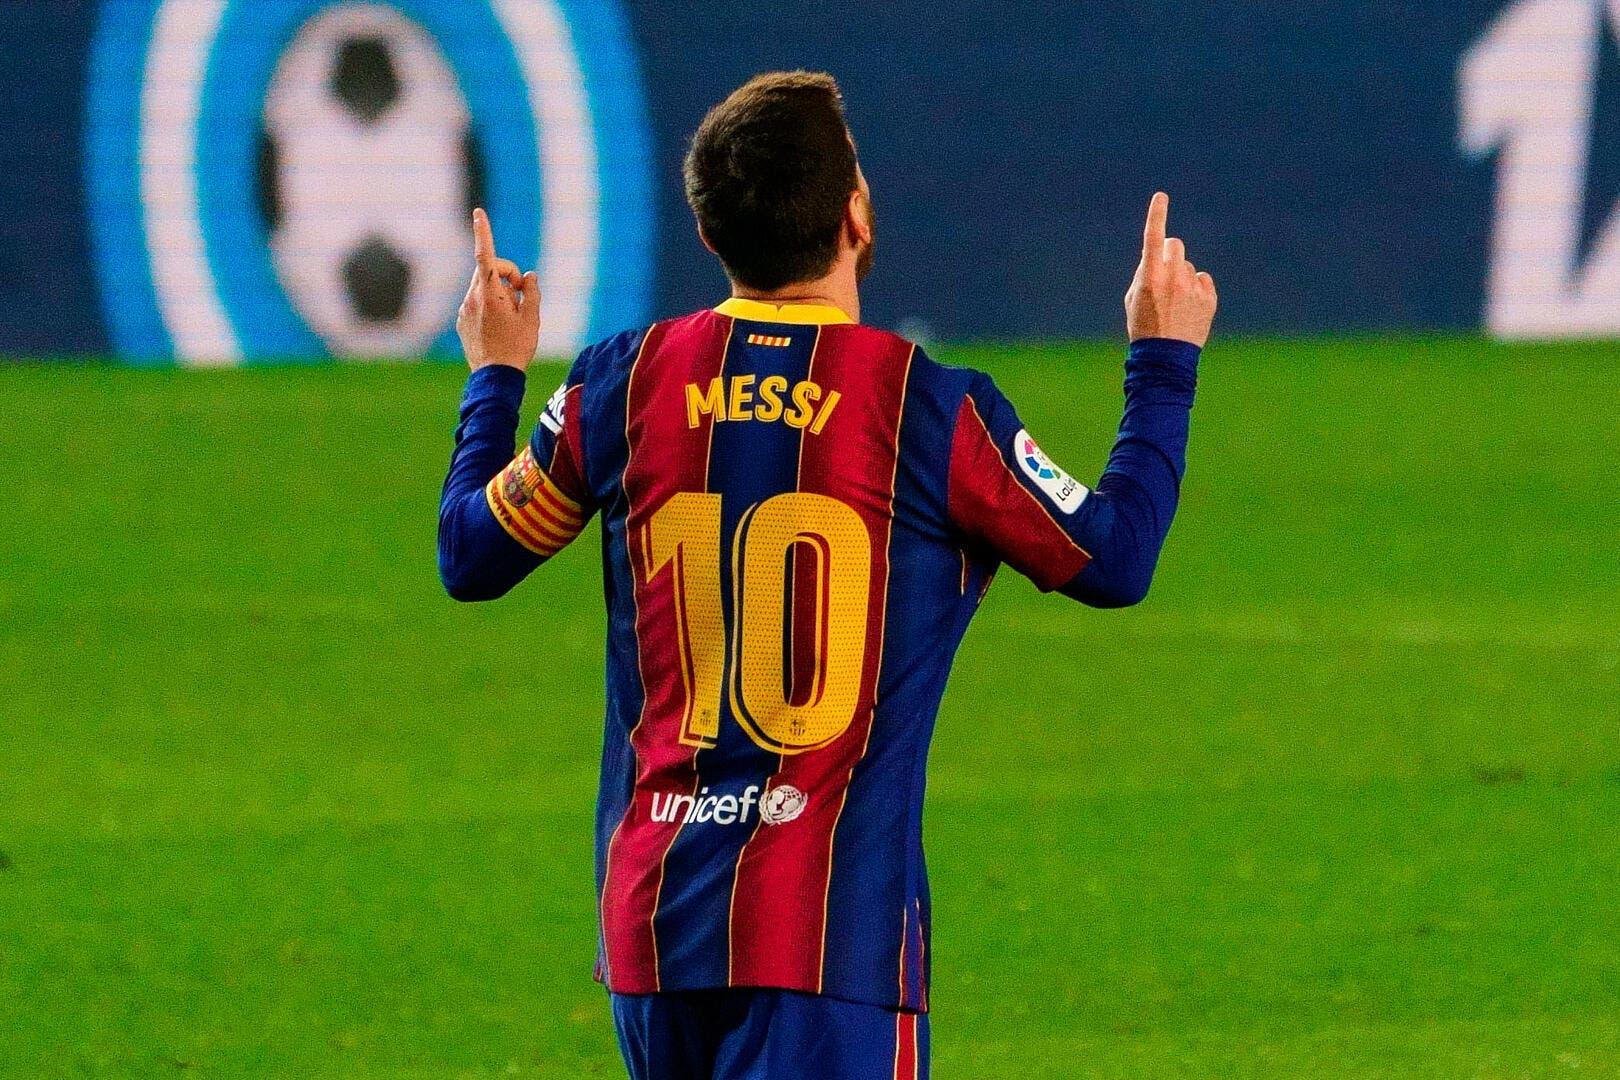 Mercato : Séduit, Messi a « 90 % de chances » de signer